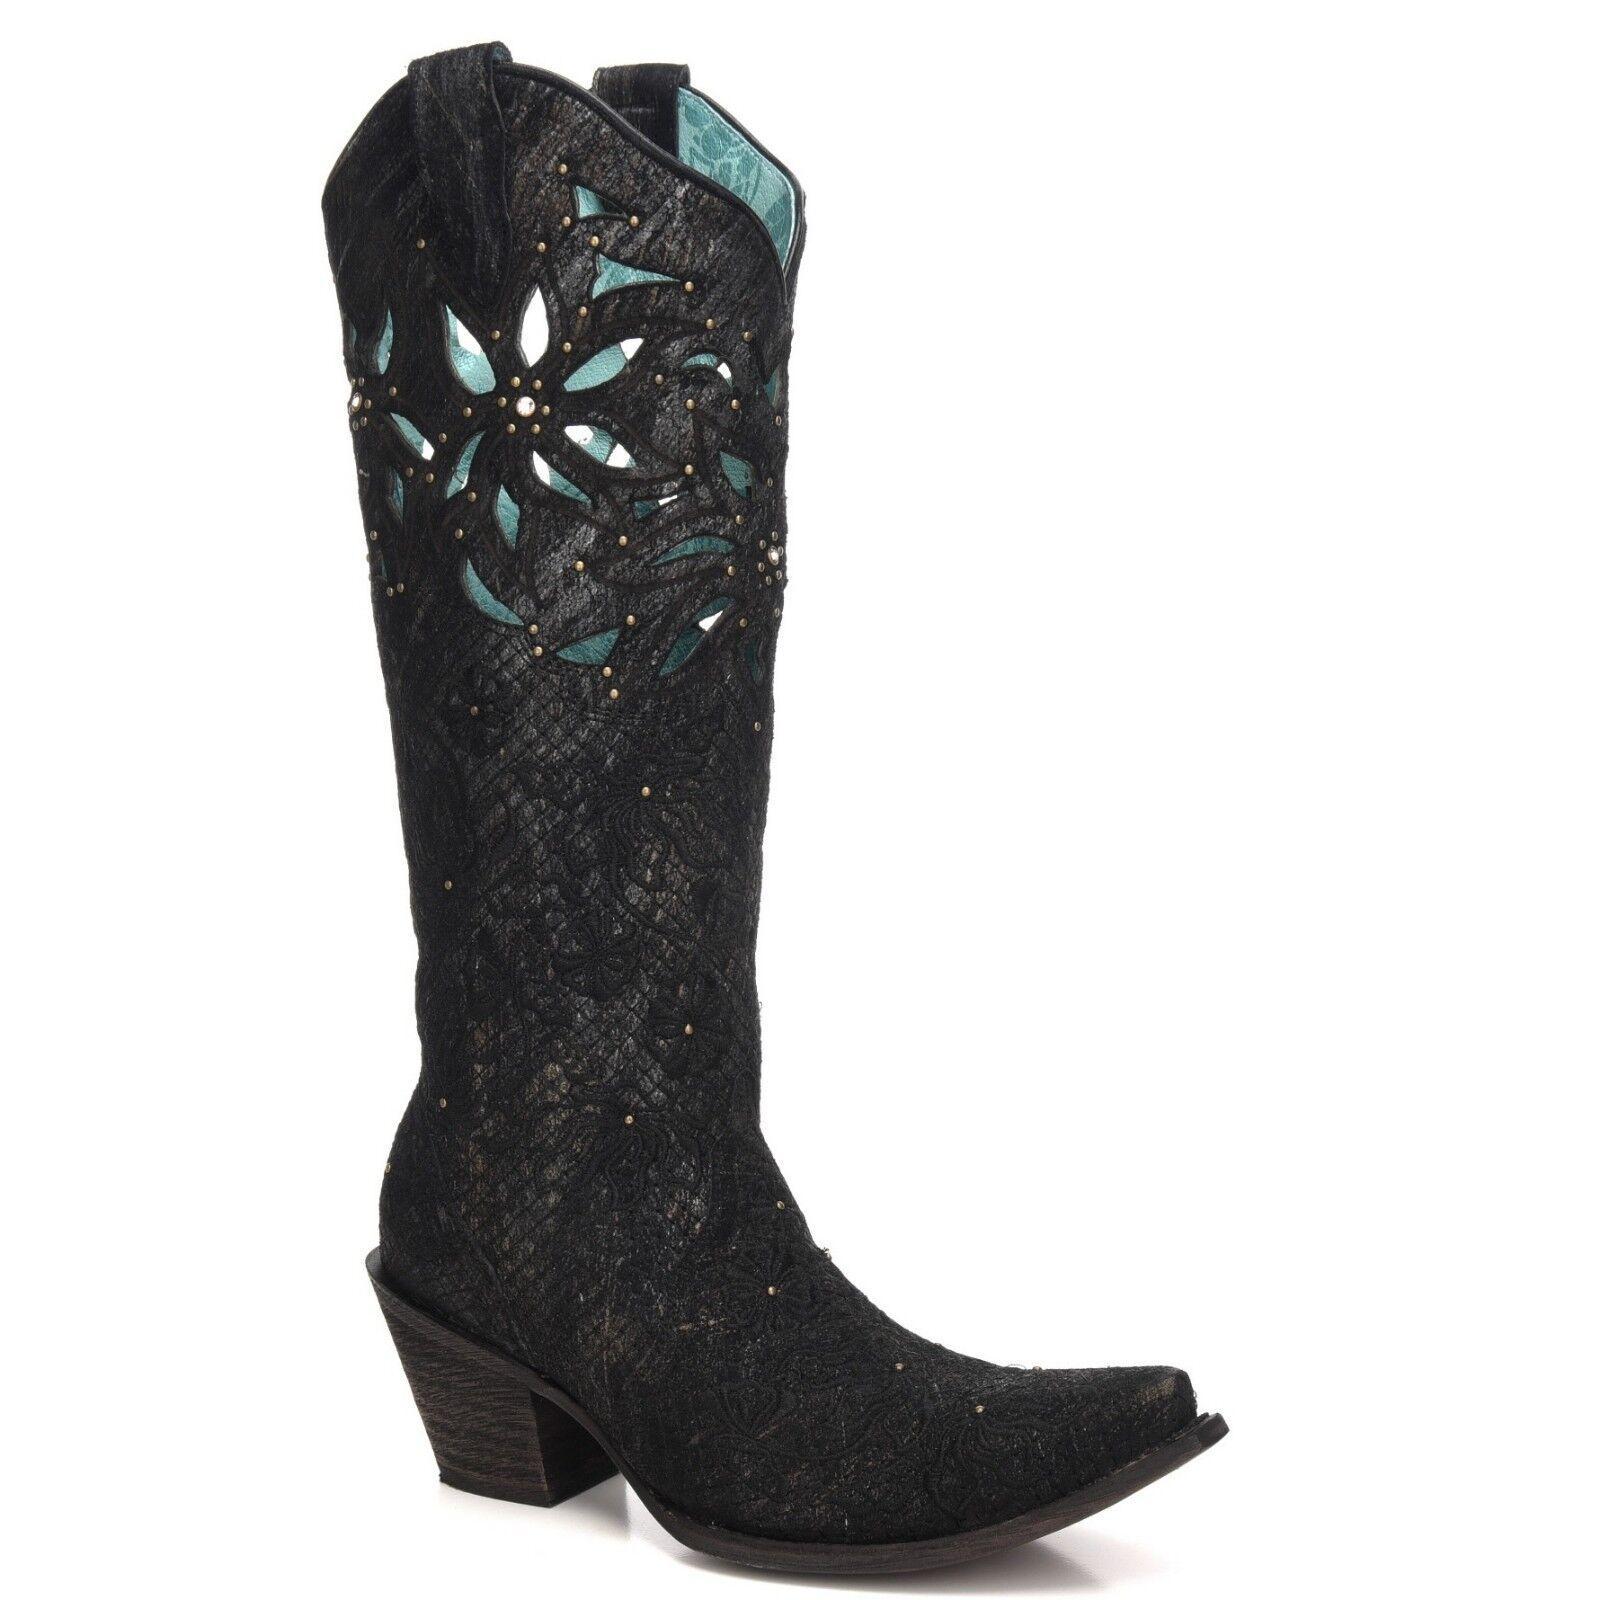 distribuzione globale Corral Ladies nero nero nero & oro Net Embroidery Cut-Out & Studs stivali C3345  servizio di prima classe